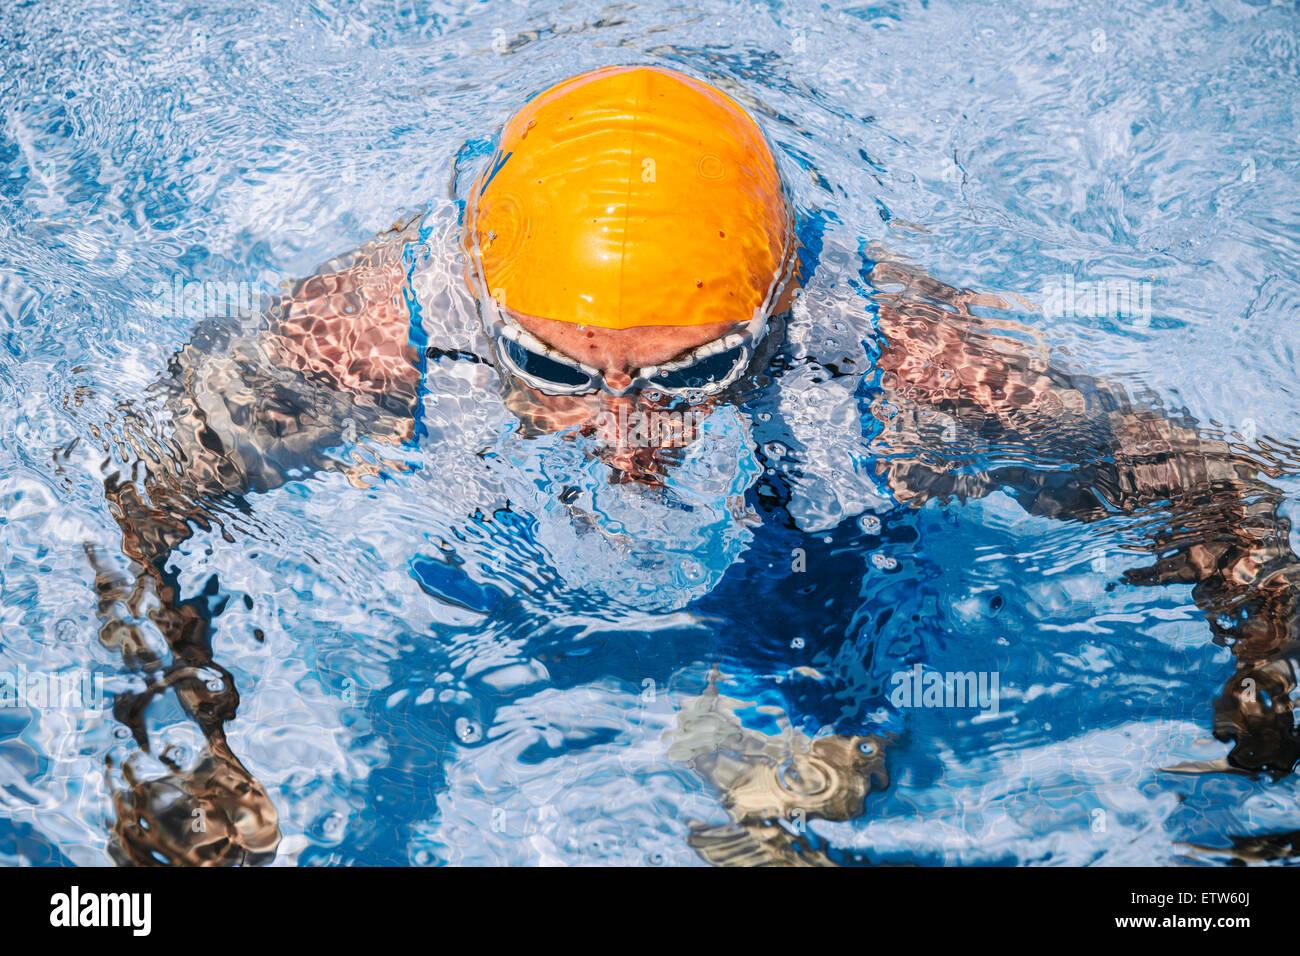 Spagna, Mallorca, Sa Coma, triathlet nuotatore uscendo dall'acqua Immagini Stock